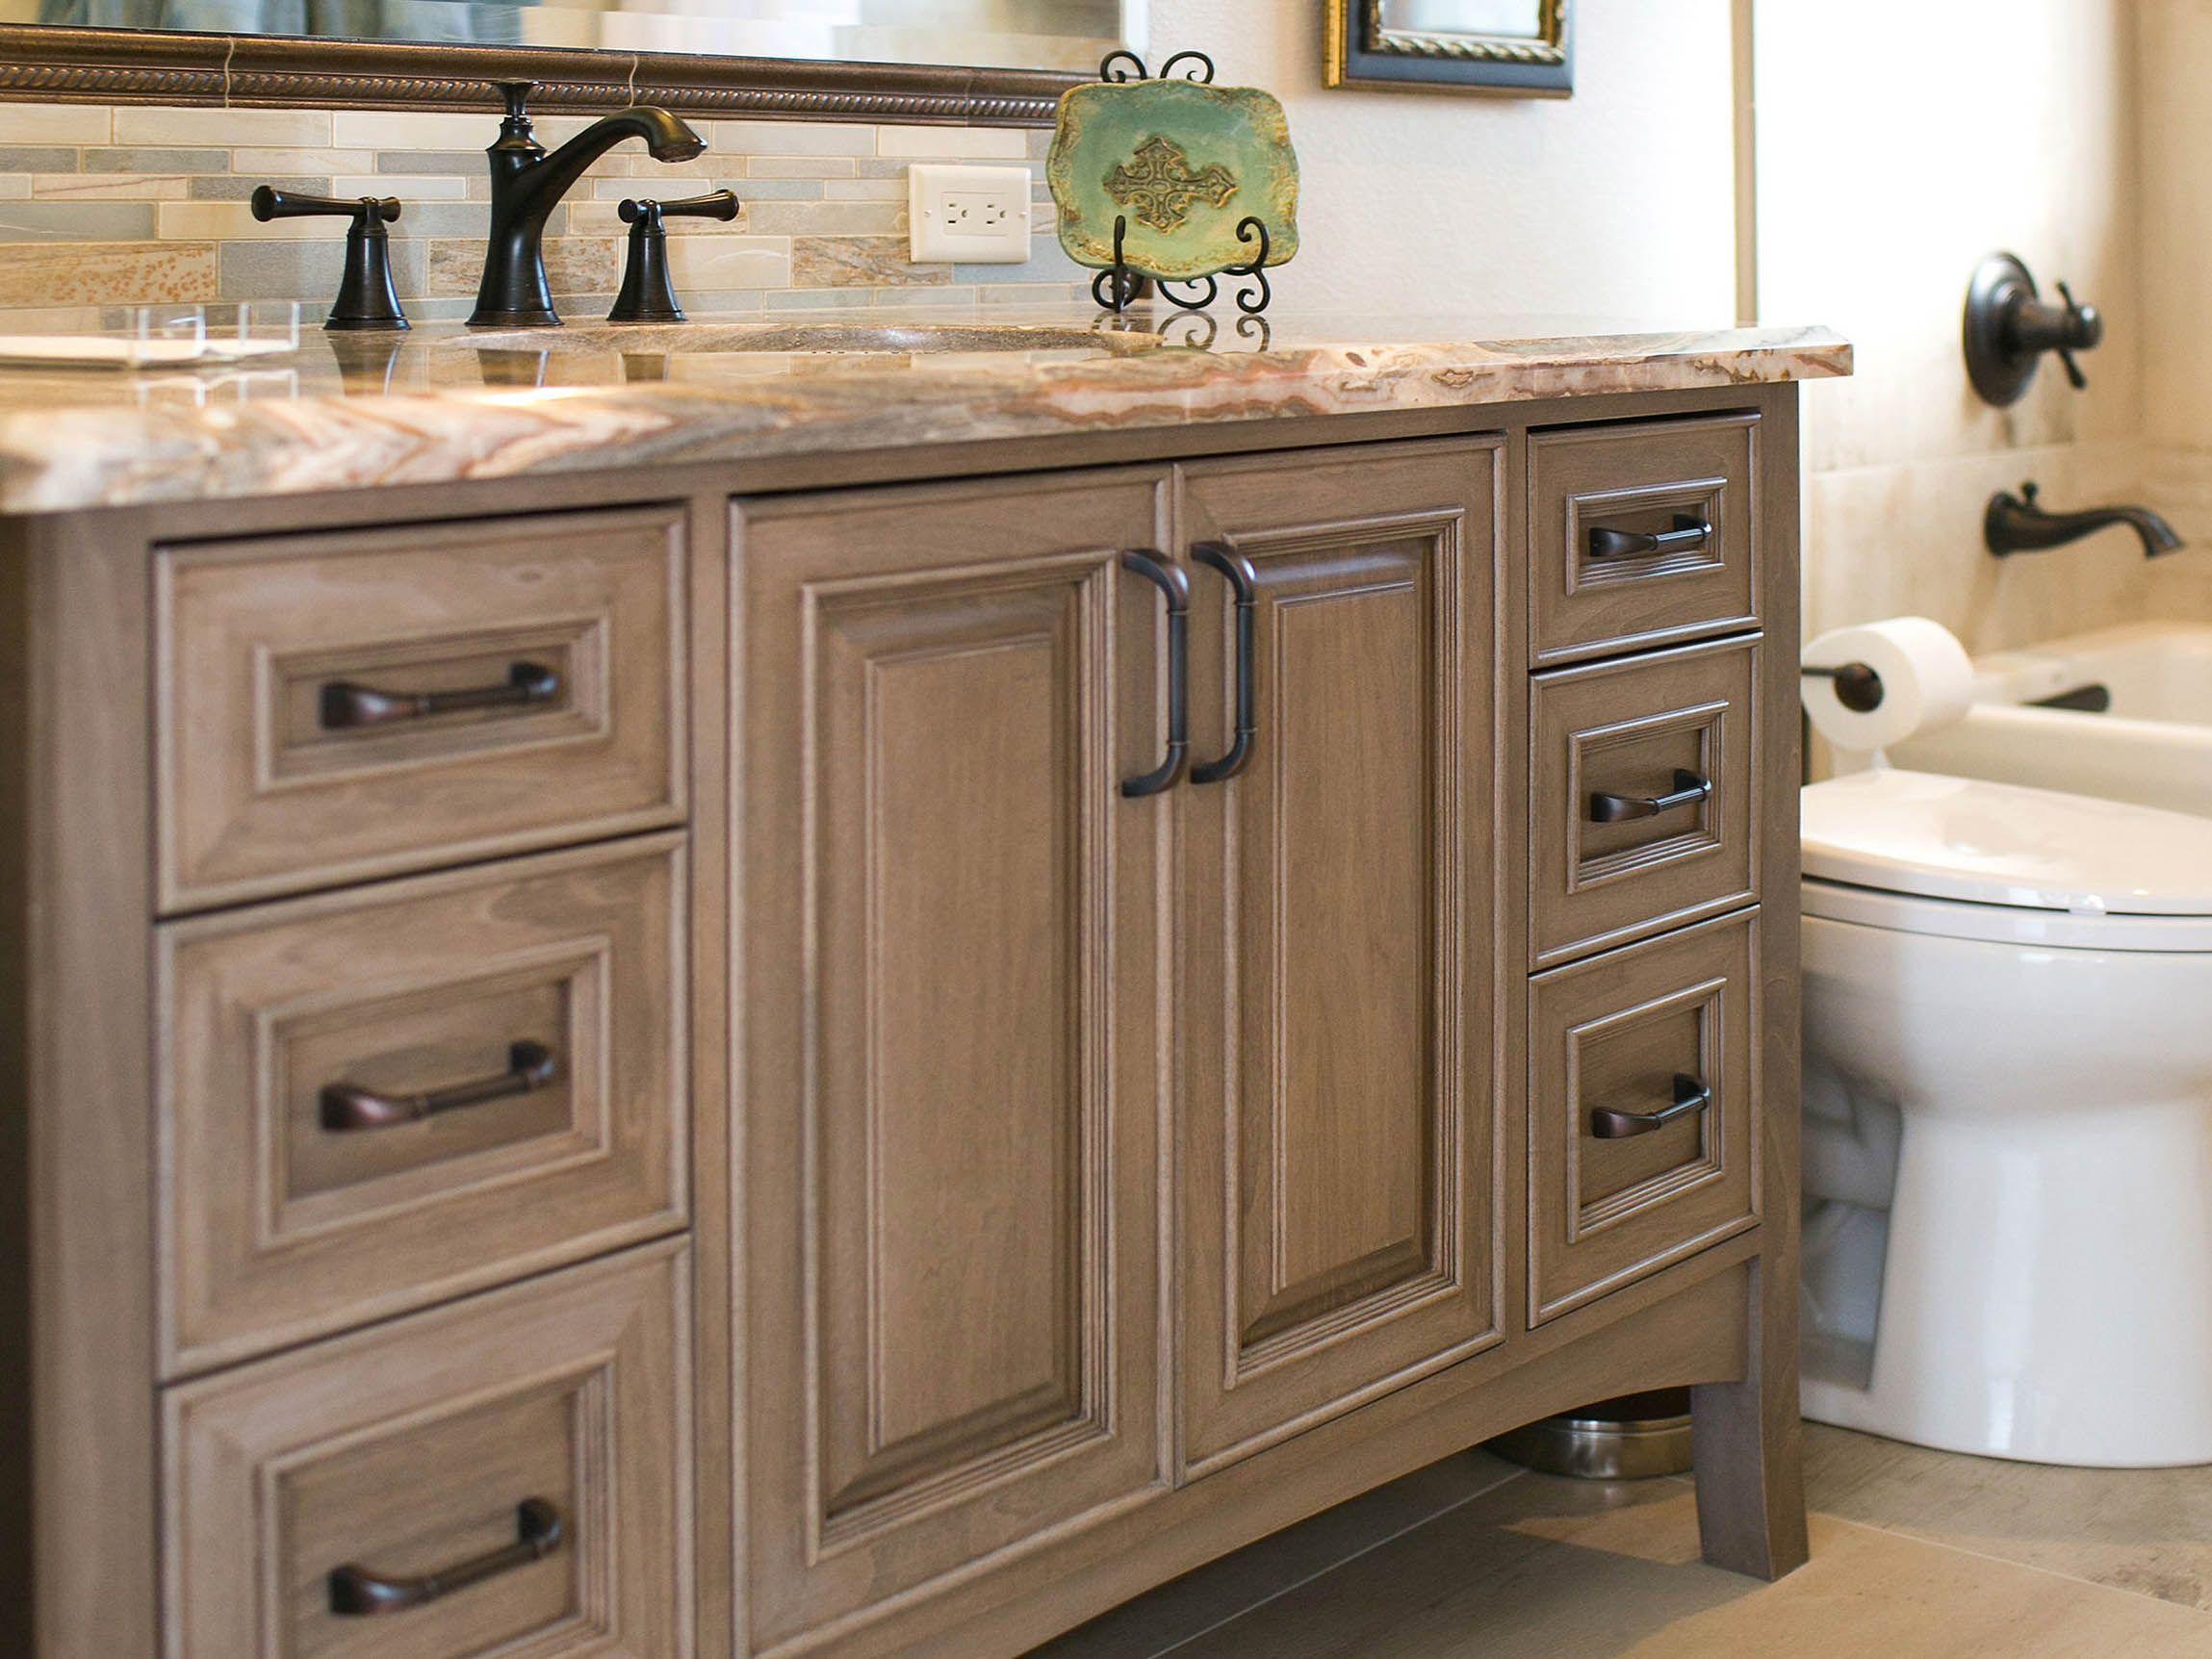 Wallkill Shiloh Kitchen Light Kitchen Cabinets Log Home Kitchens Kitchen Cabinets Pictures